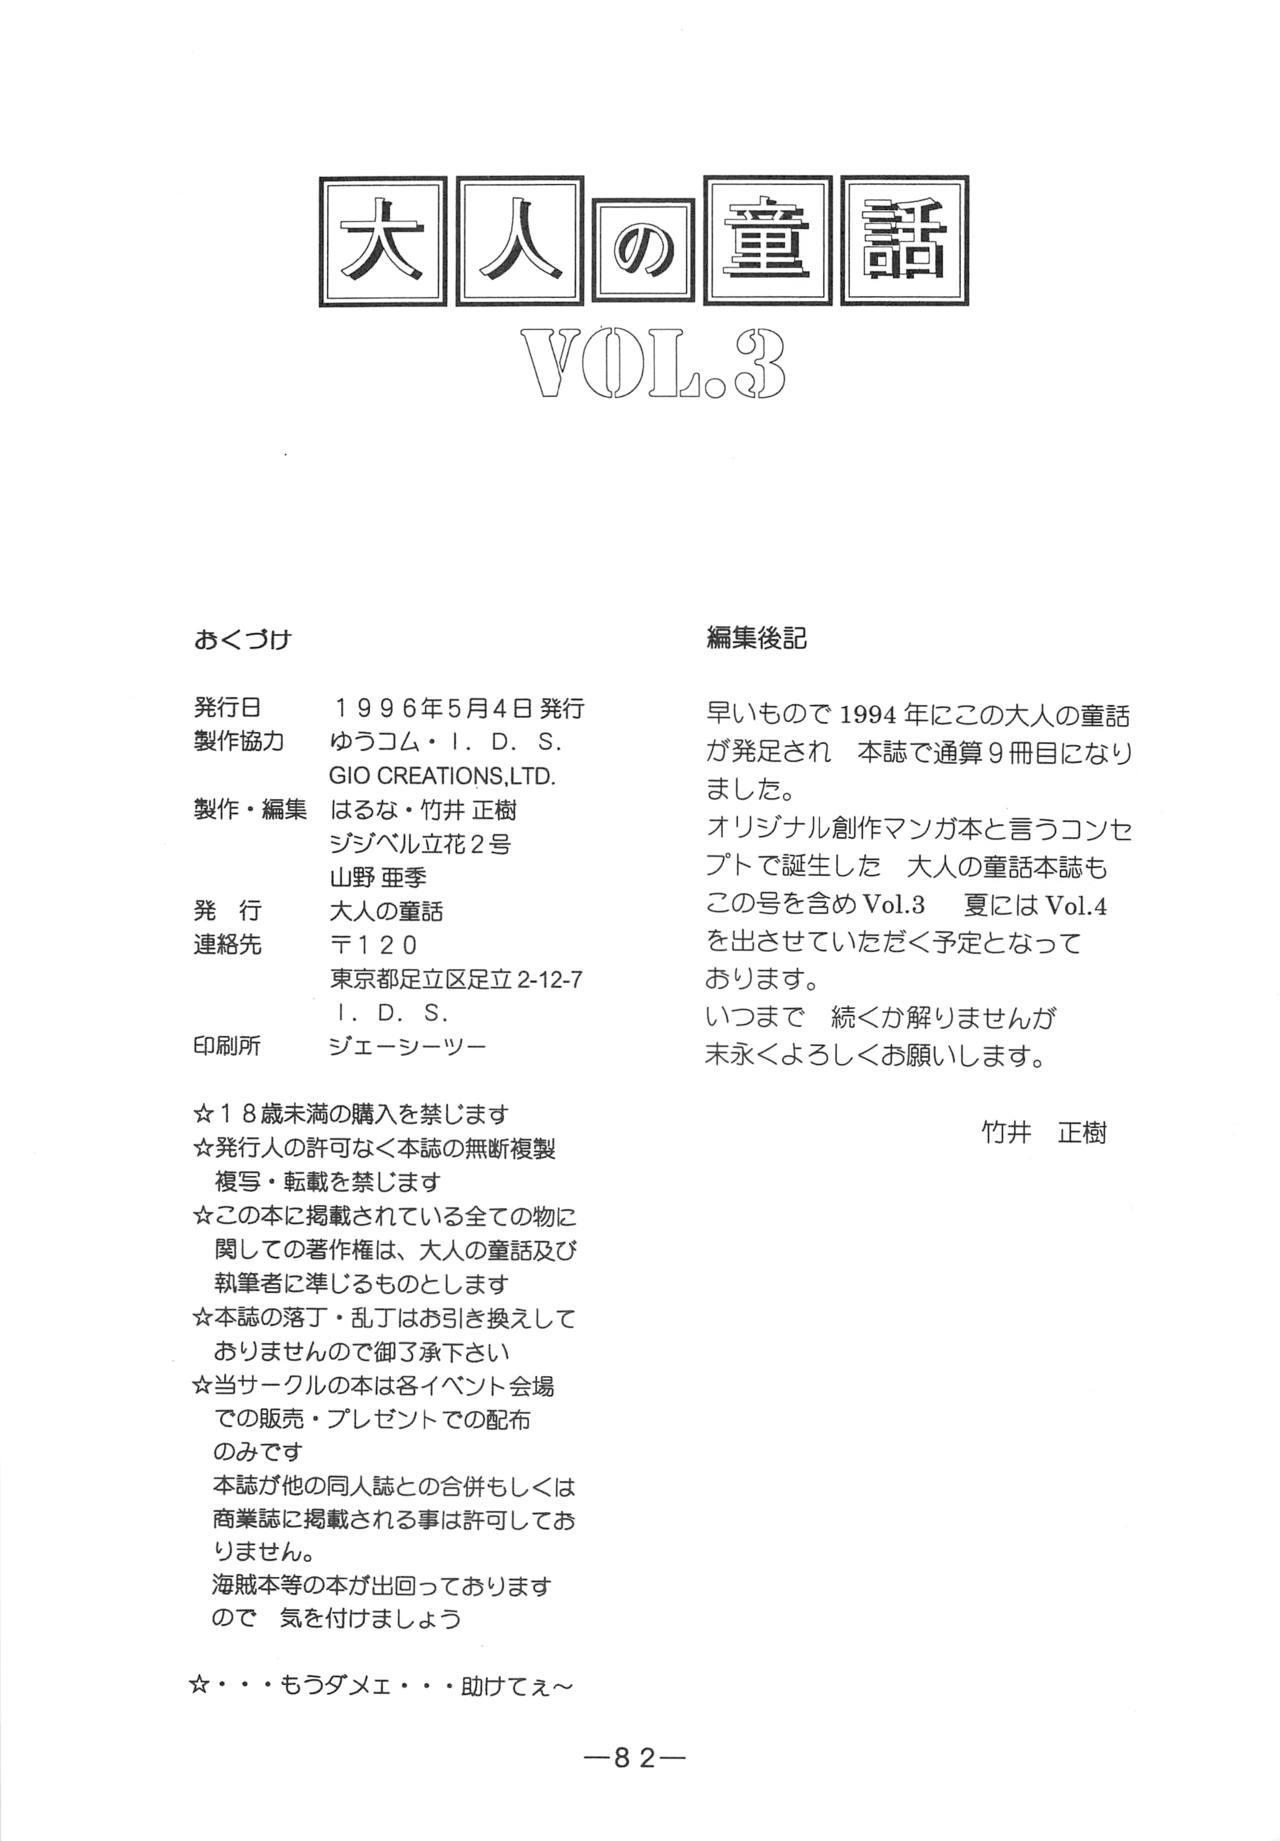 Otonano Do-wa Vol. 3 80